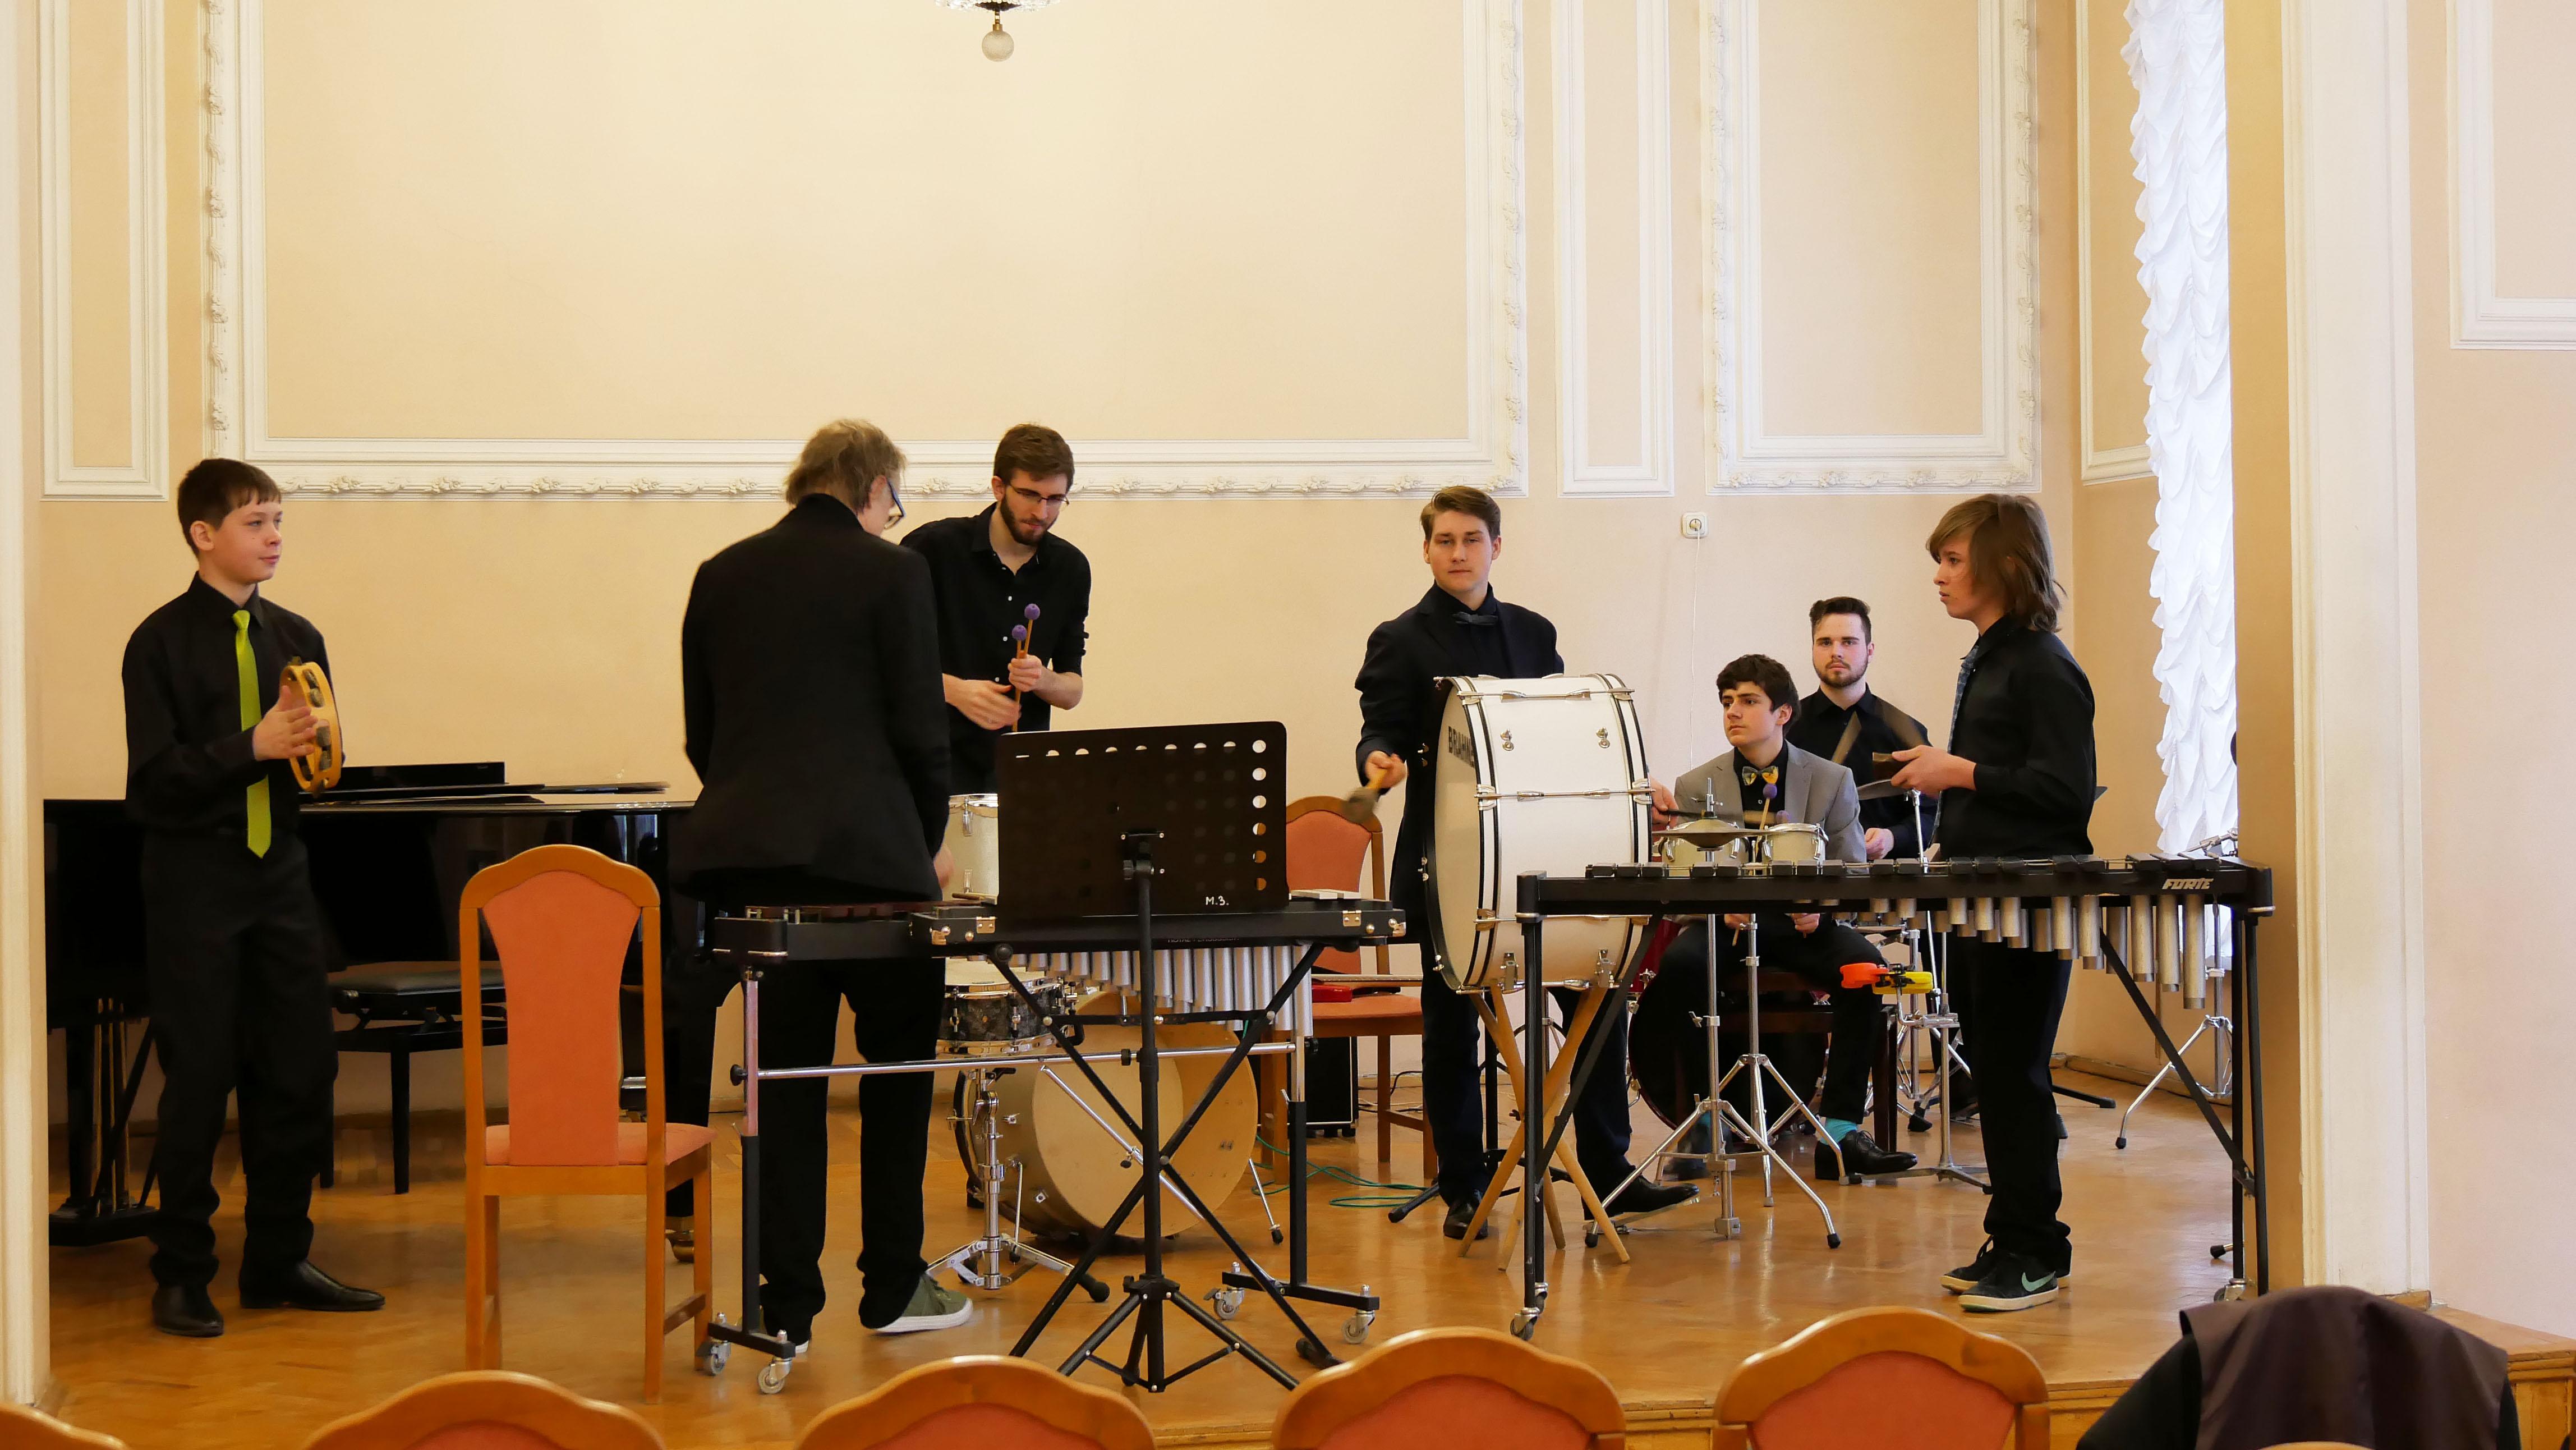 Das Percussionensemble der Musikschule Baunatal in St. Petersburg